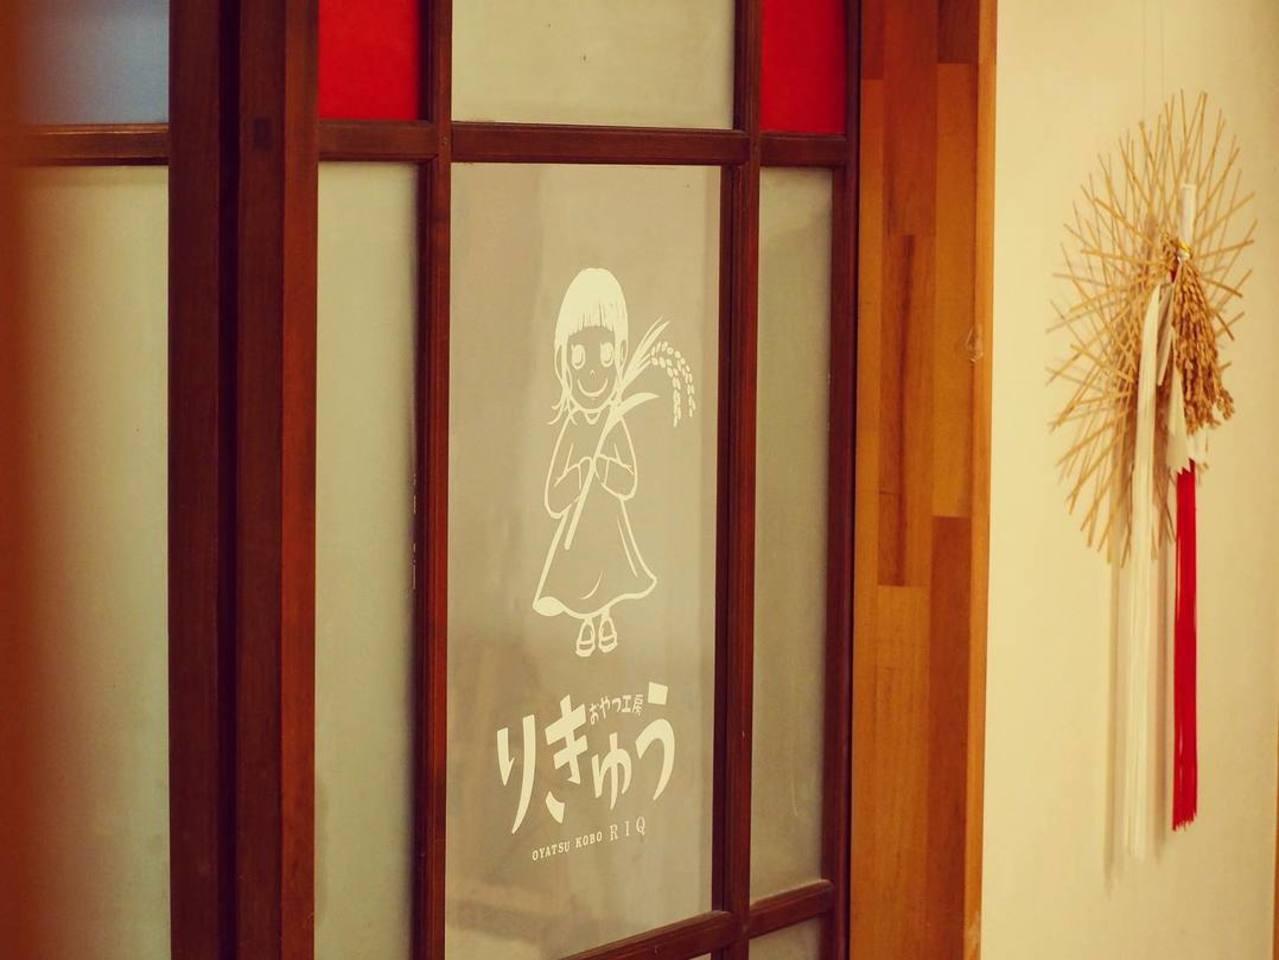 福岡県福津市若木台5丁目に「おやつ工房りきゅう」が昨日オープンされたようです。